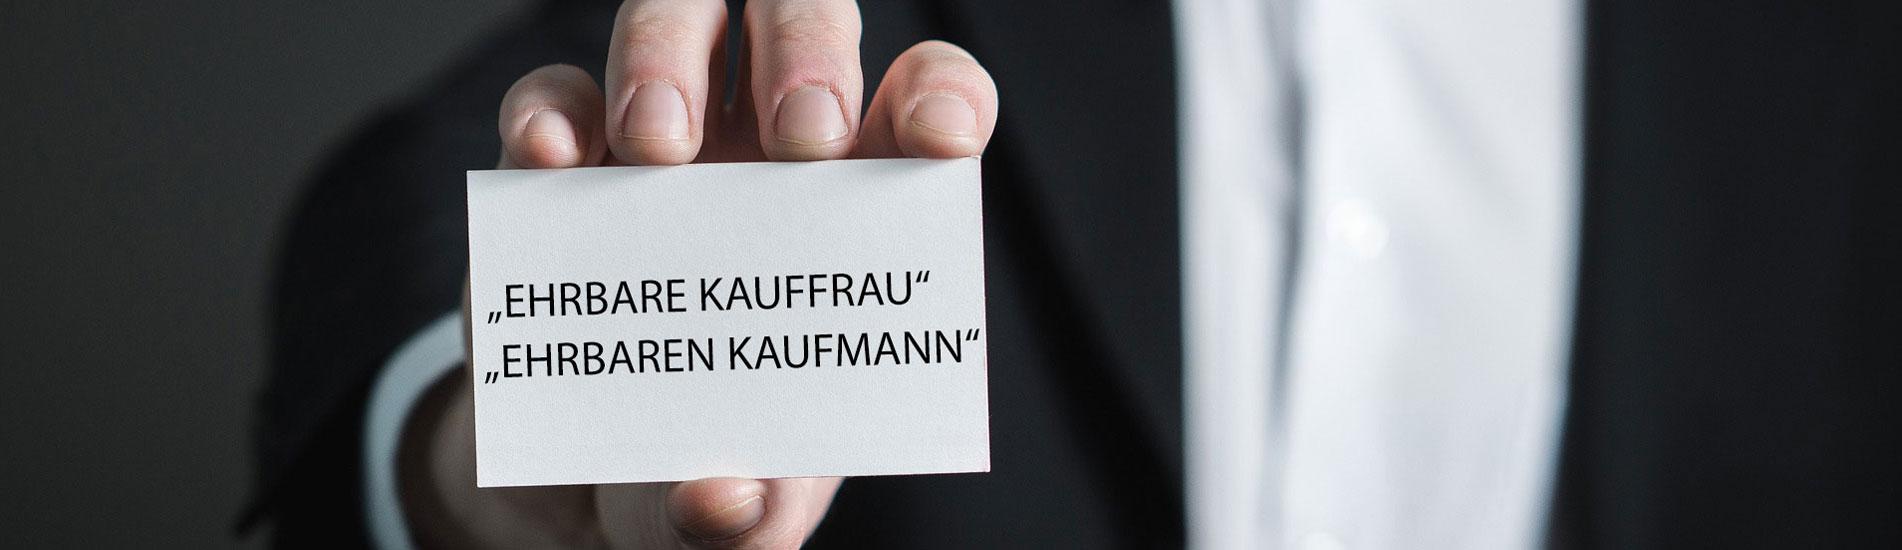 Ehrbare/r Kauffrau/mann